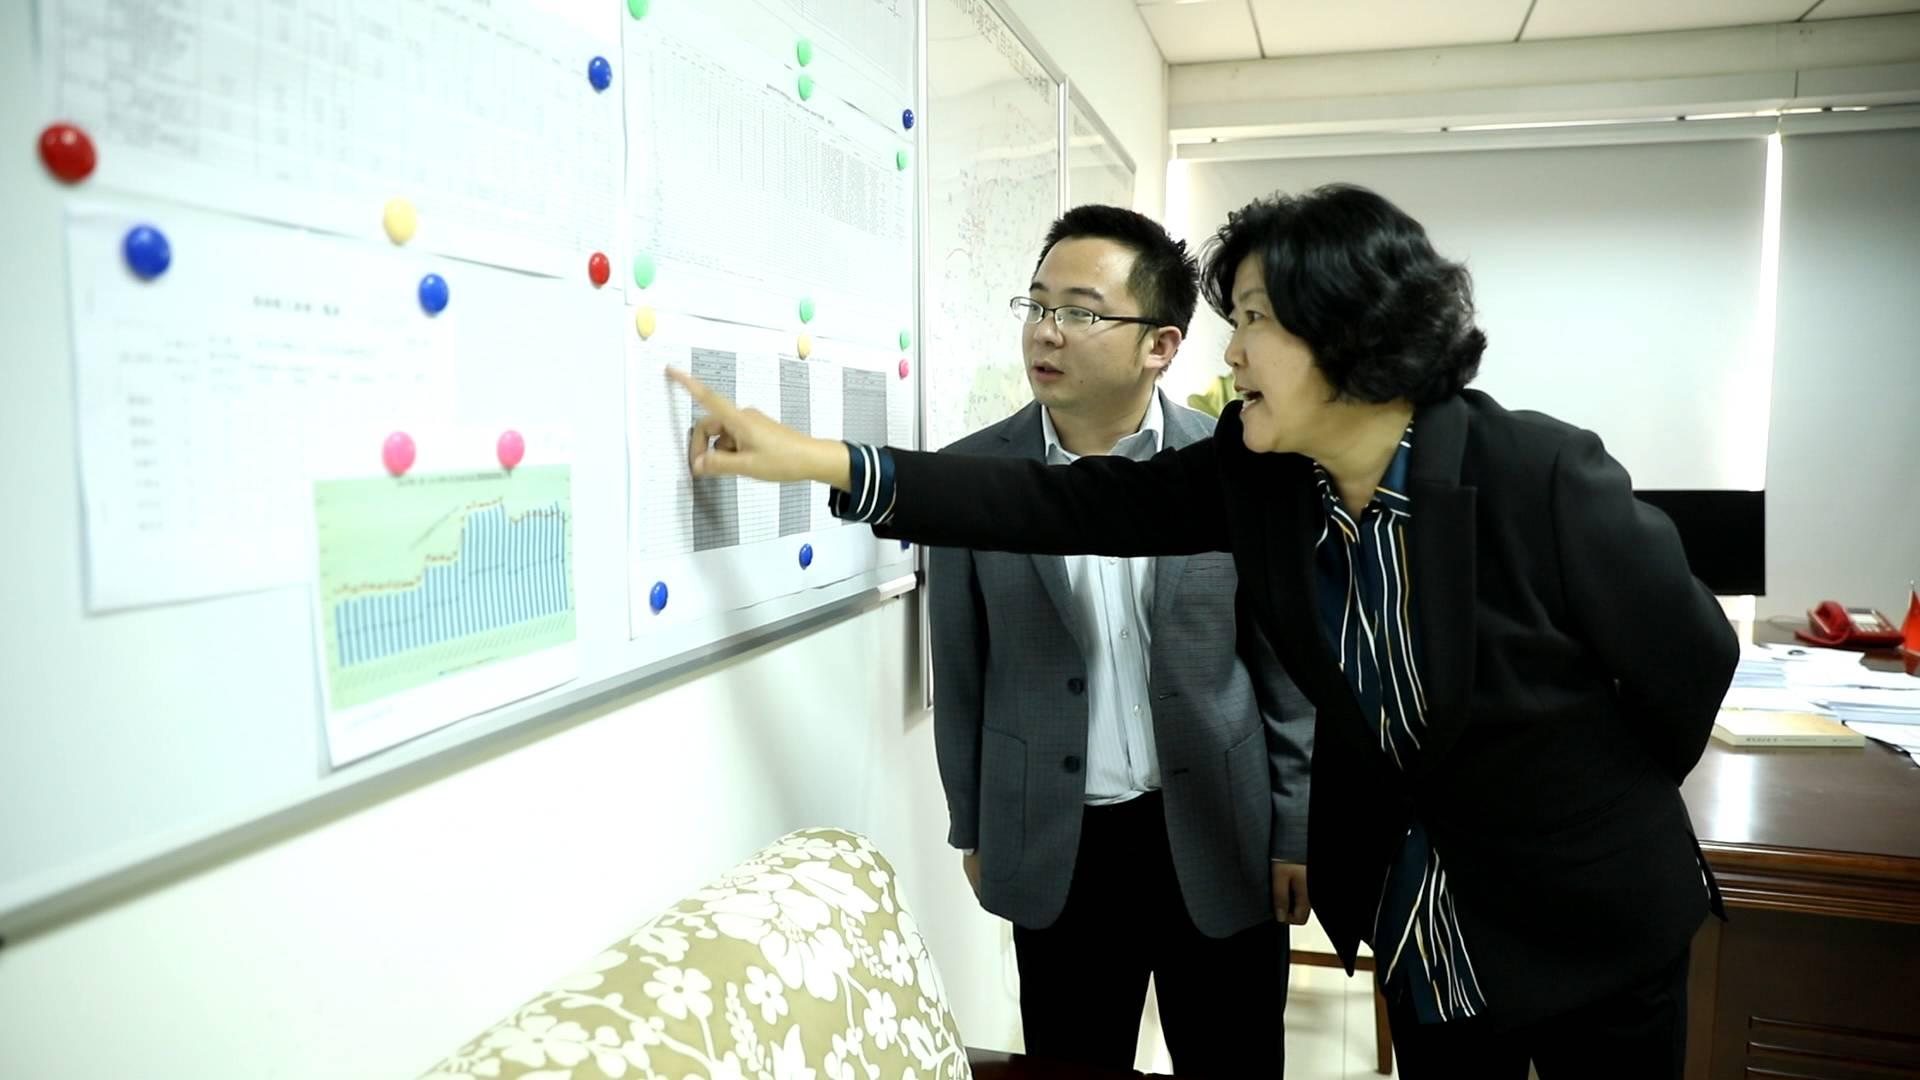 德州副市长马俊昀: 深入一线抓项目、抓生产,全力冲刺四季度